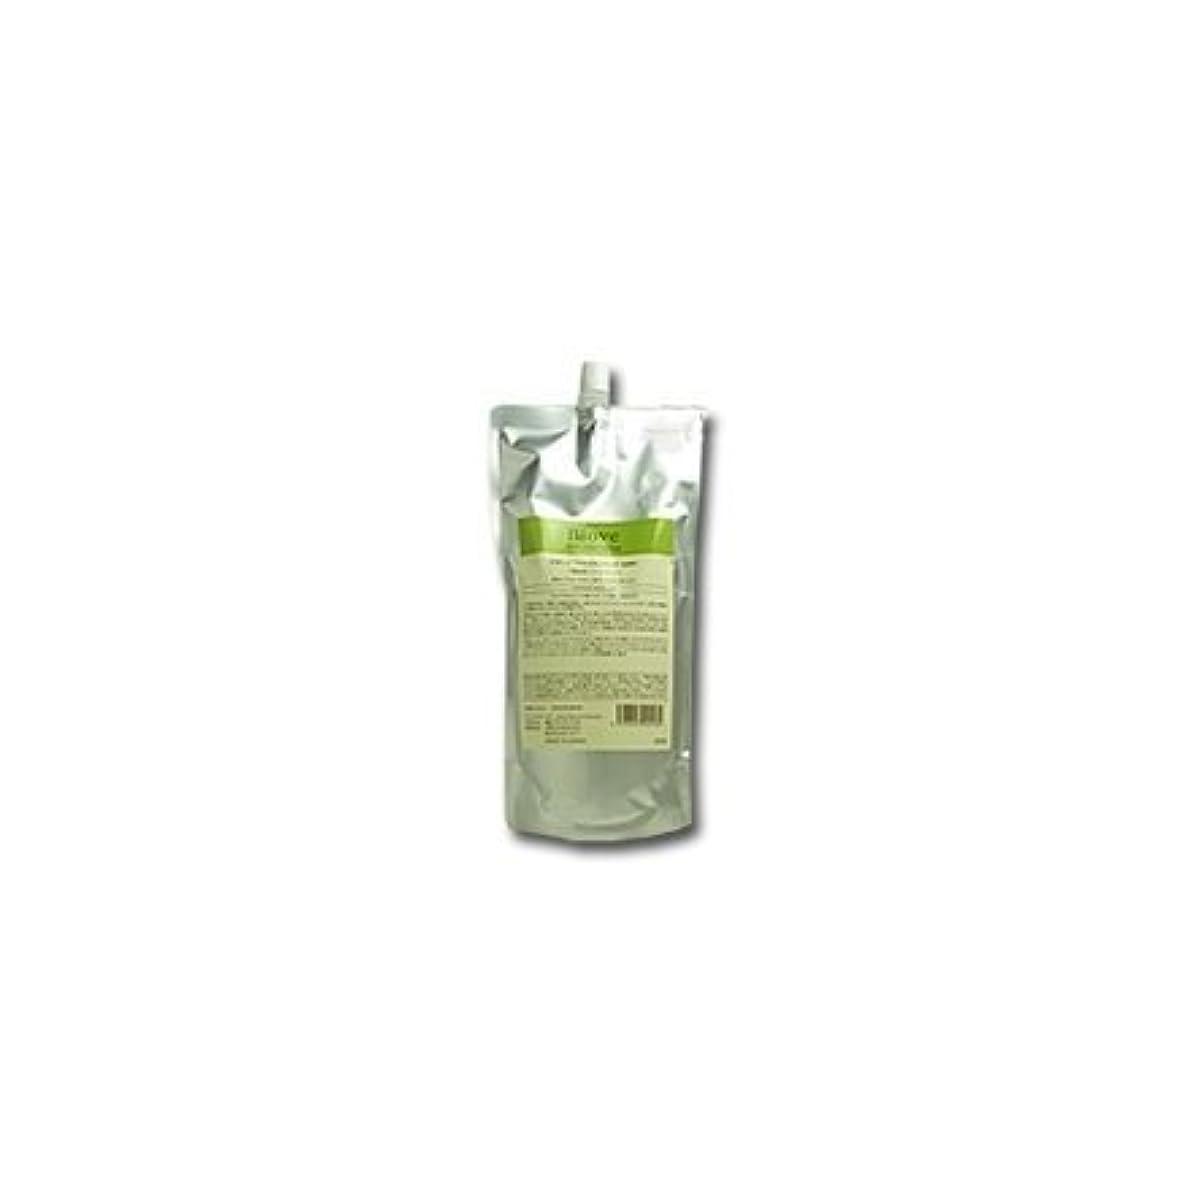 概念くつろぎアラスカデミ ビオーブ スキャルプ リラックストリートメント 450ml 医薬部外品